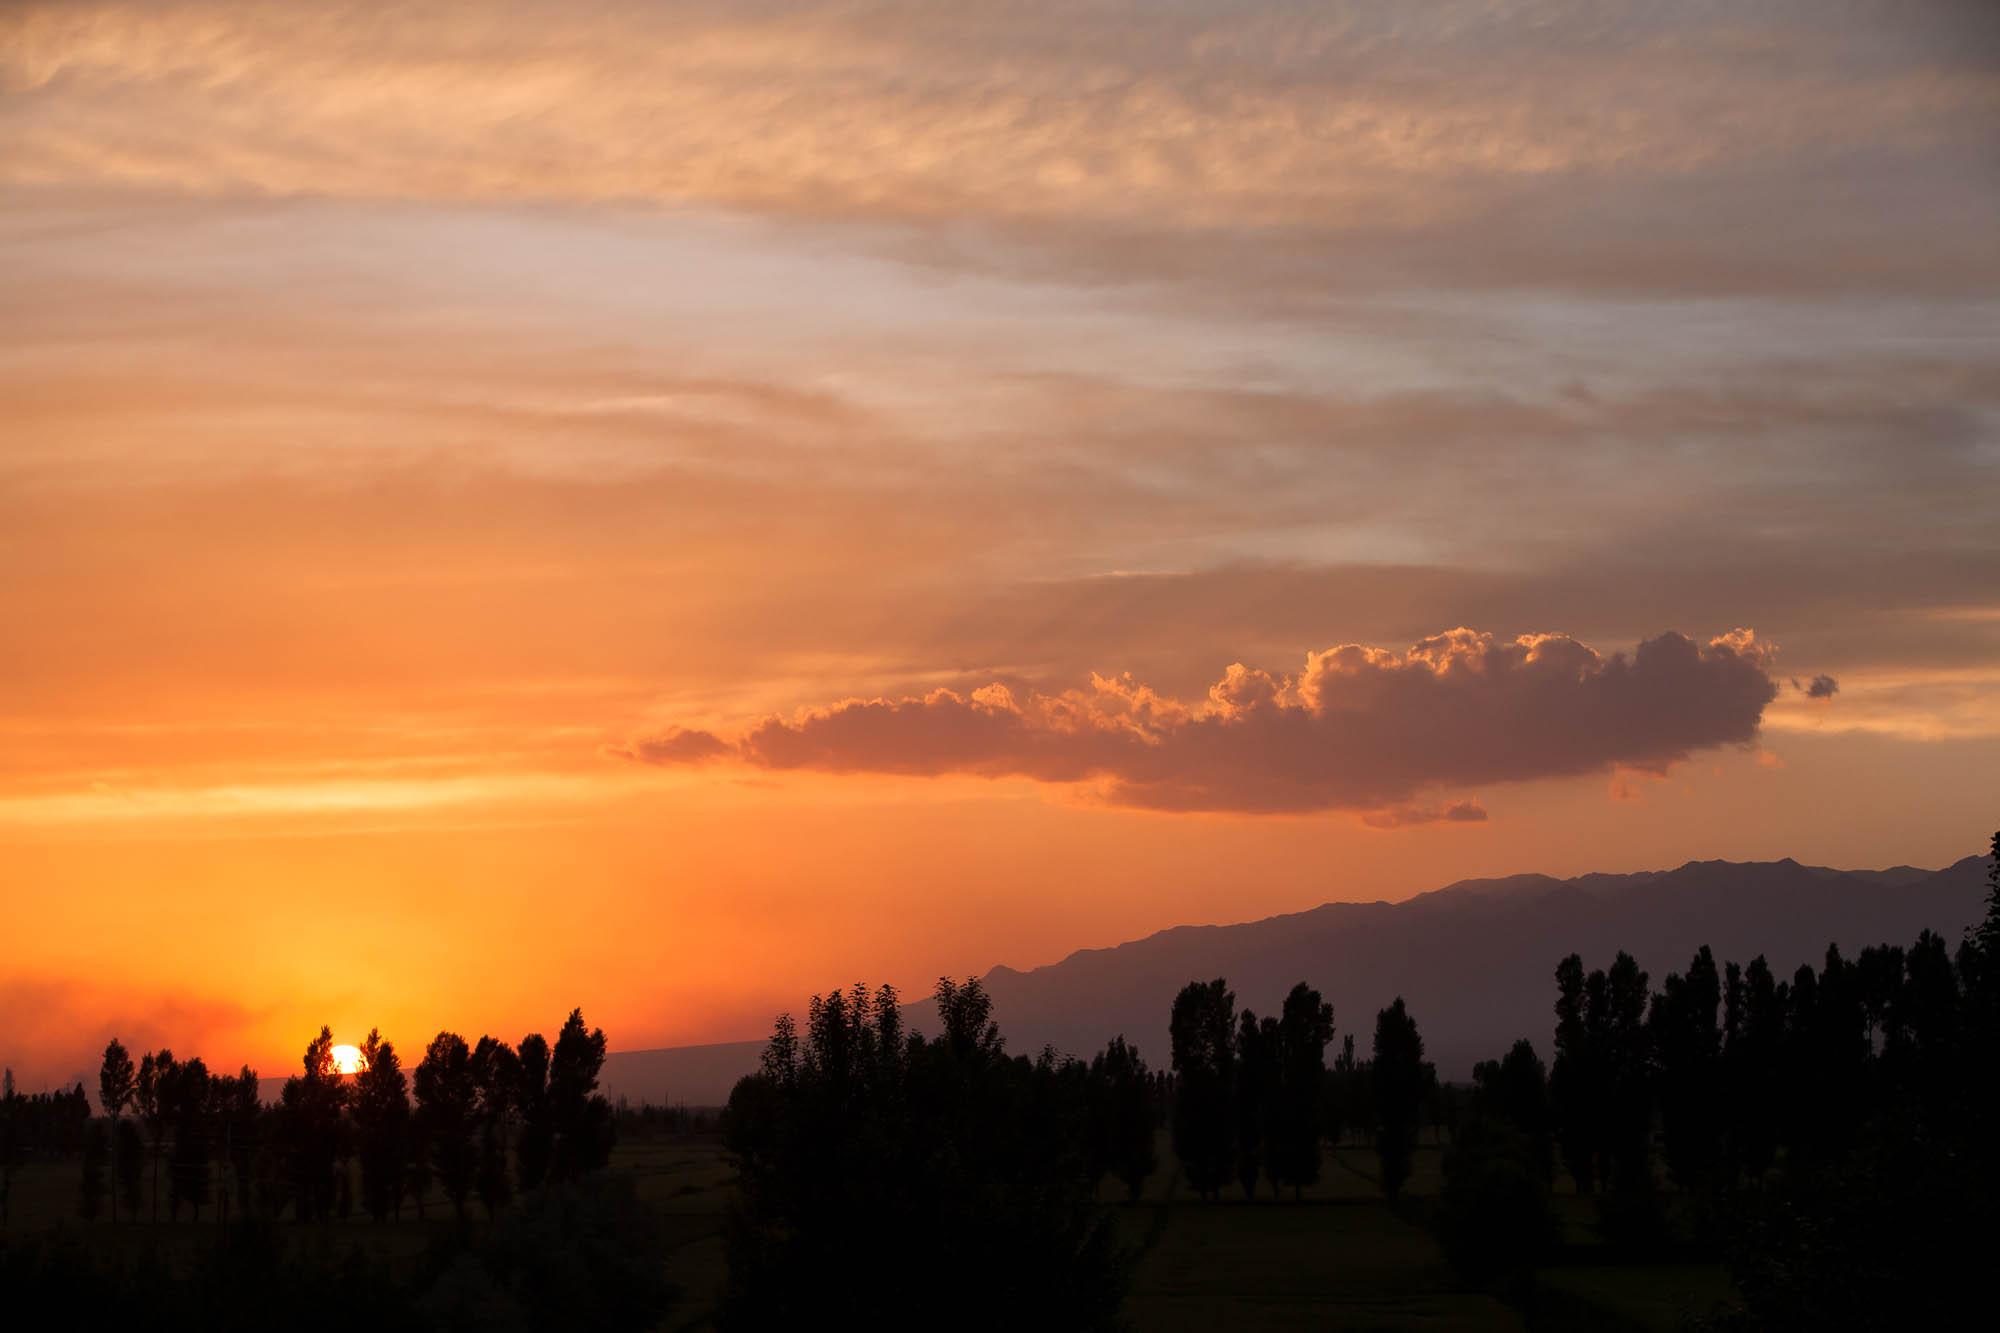 Sonnenuntergang bei Shandan